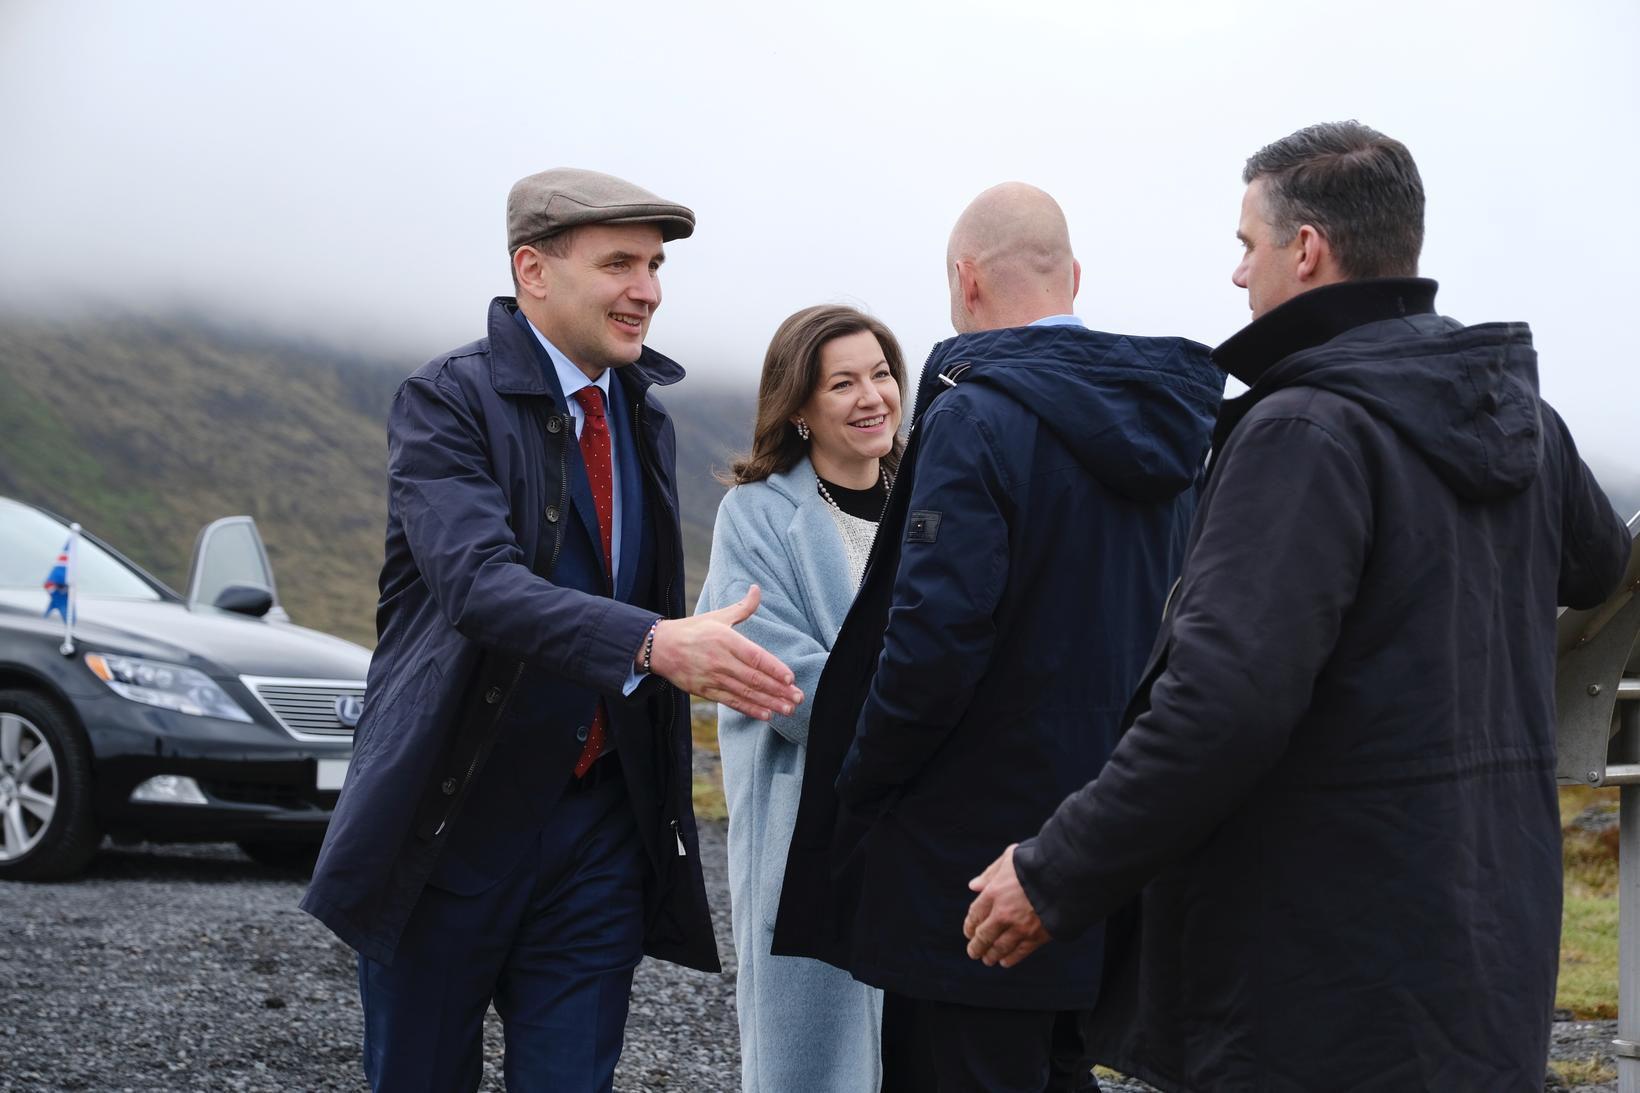 Elliði Vignisson bæjarstjóri Þorlákshafnar og Gestur Kristjánsson forseti bæjarstjórnar tóku …